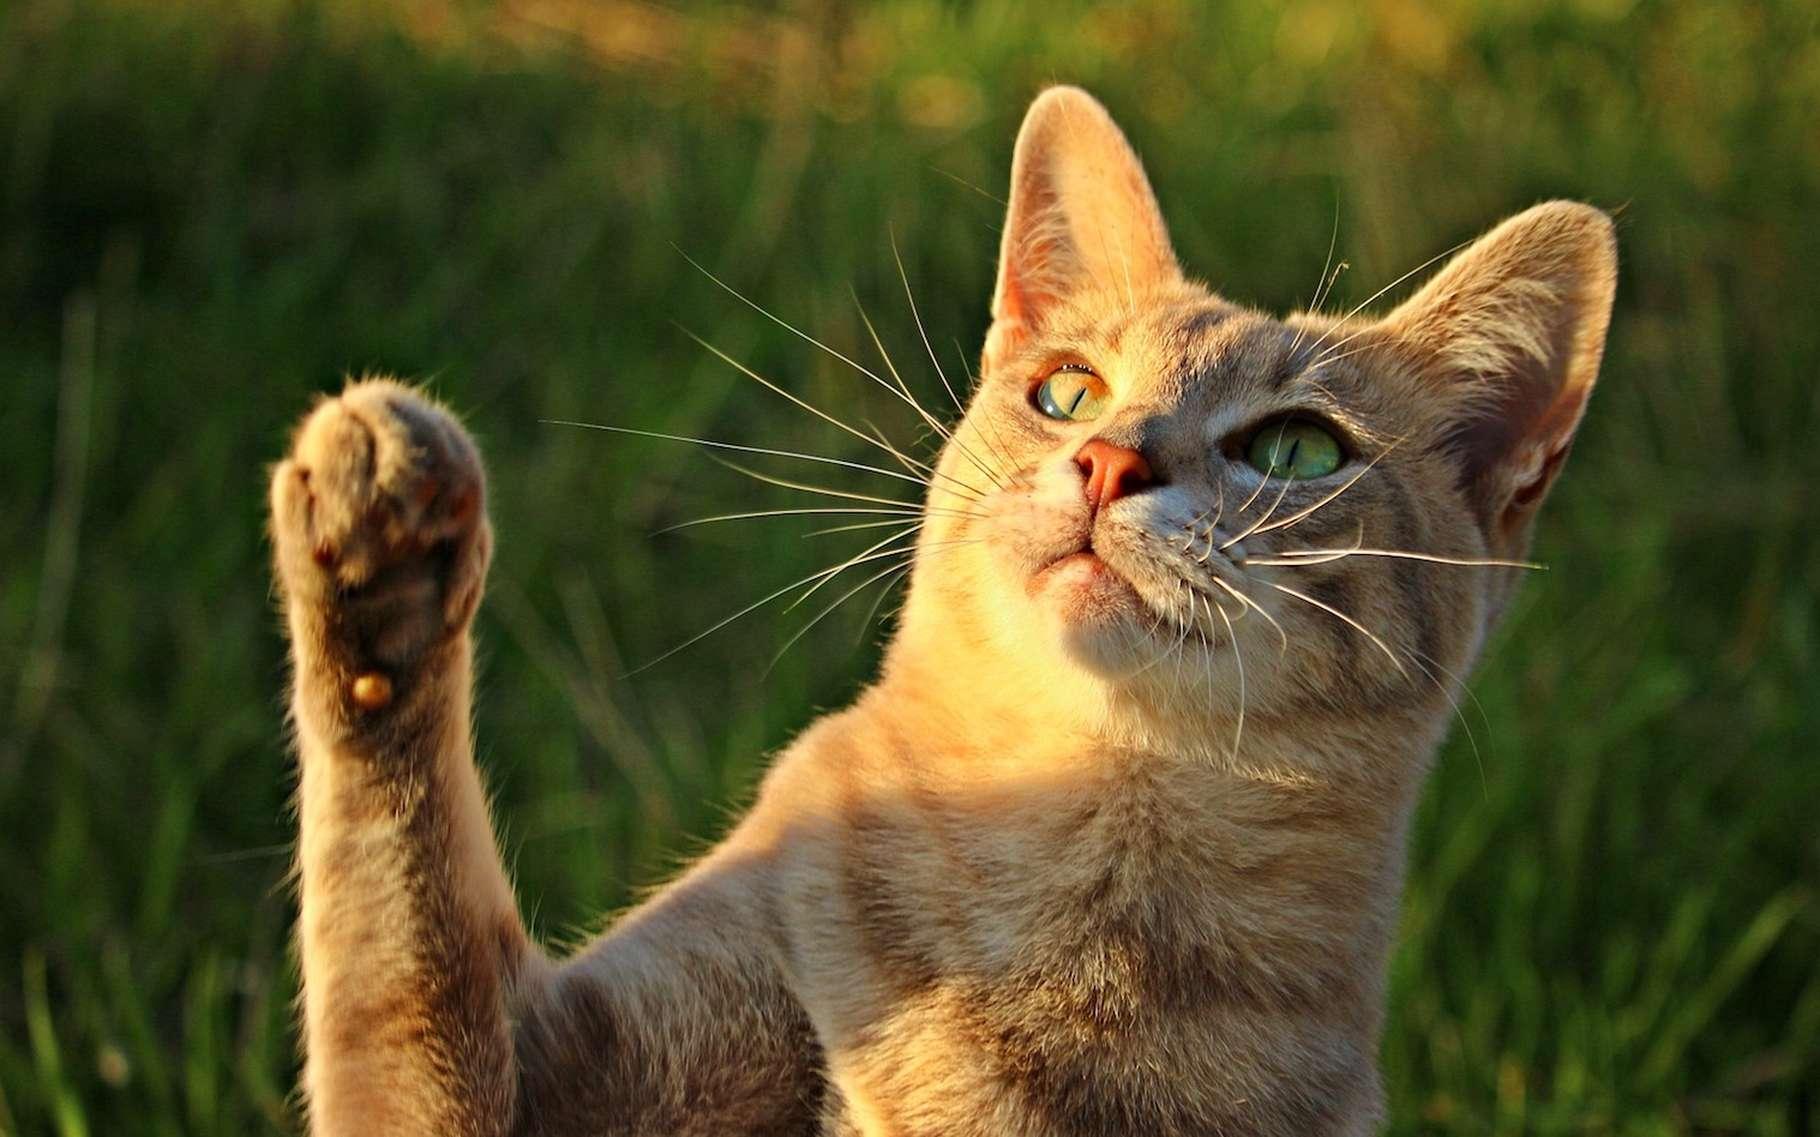 Les animaux aussi montrent une préférence pour la gauche ou la droite. © rihaij, Pixabay, CC0 Creative Commons